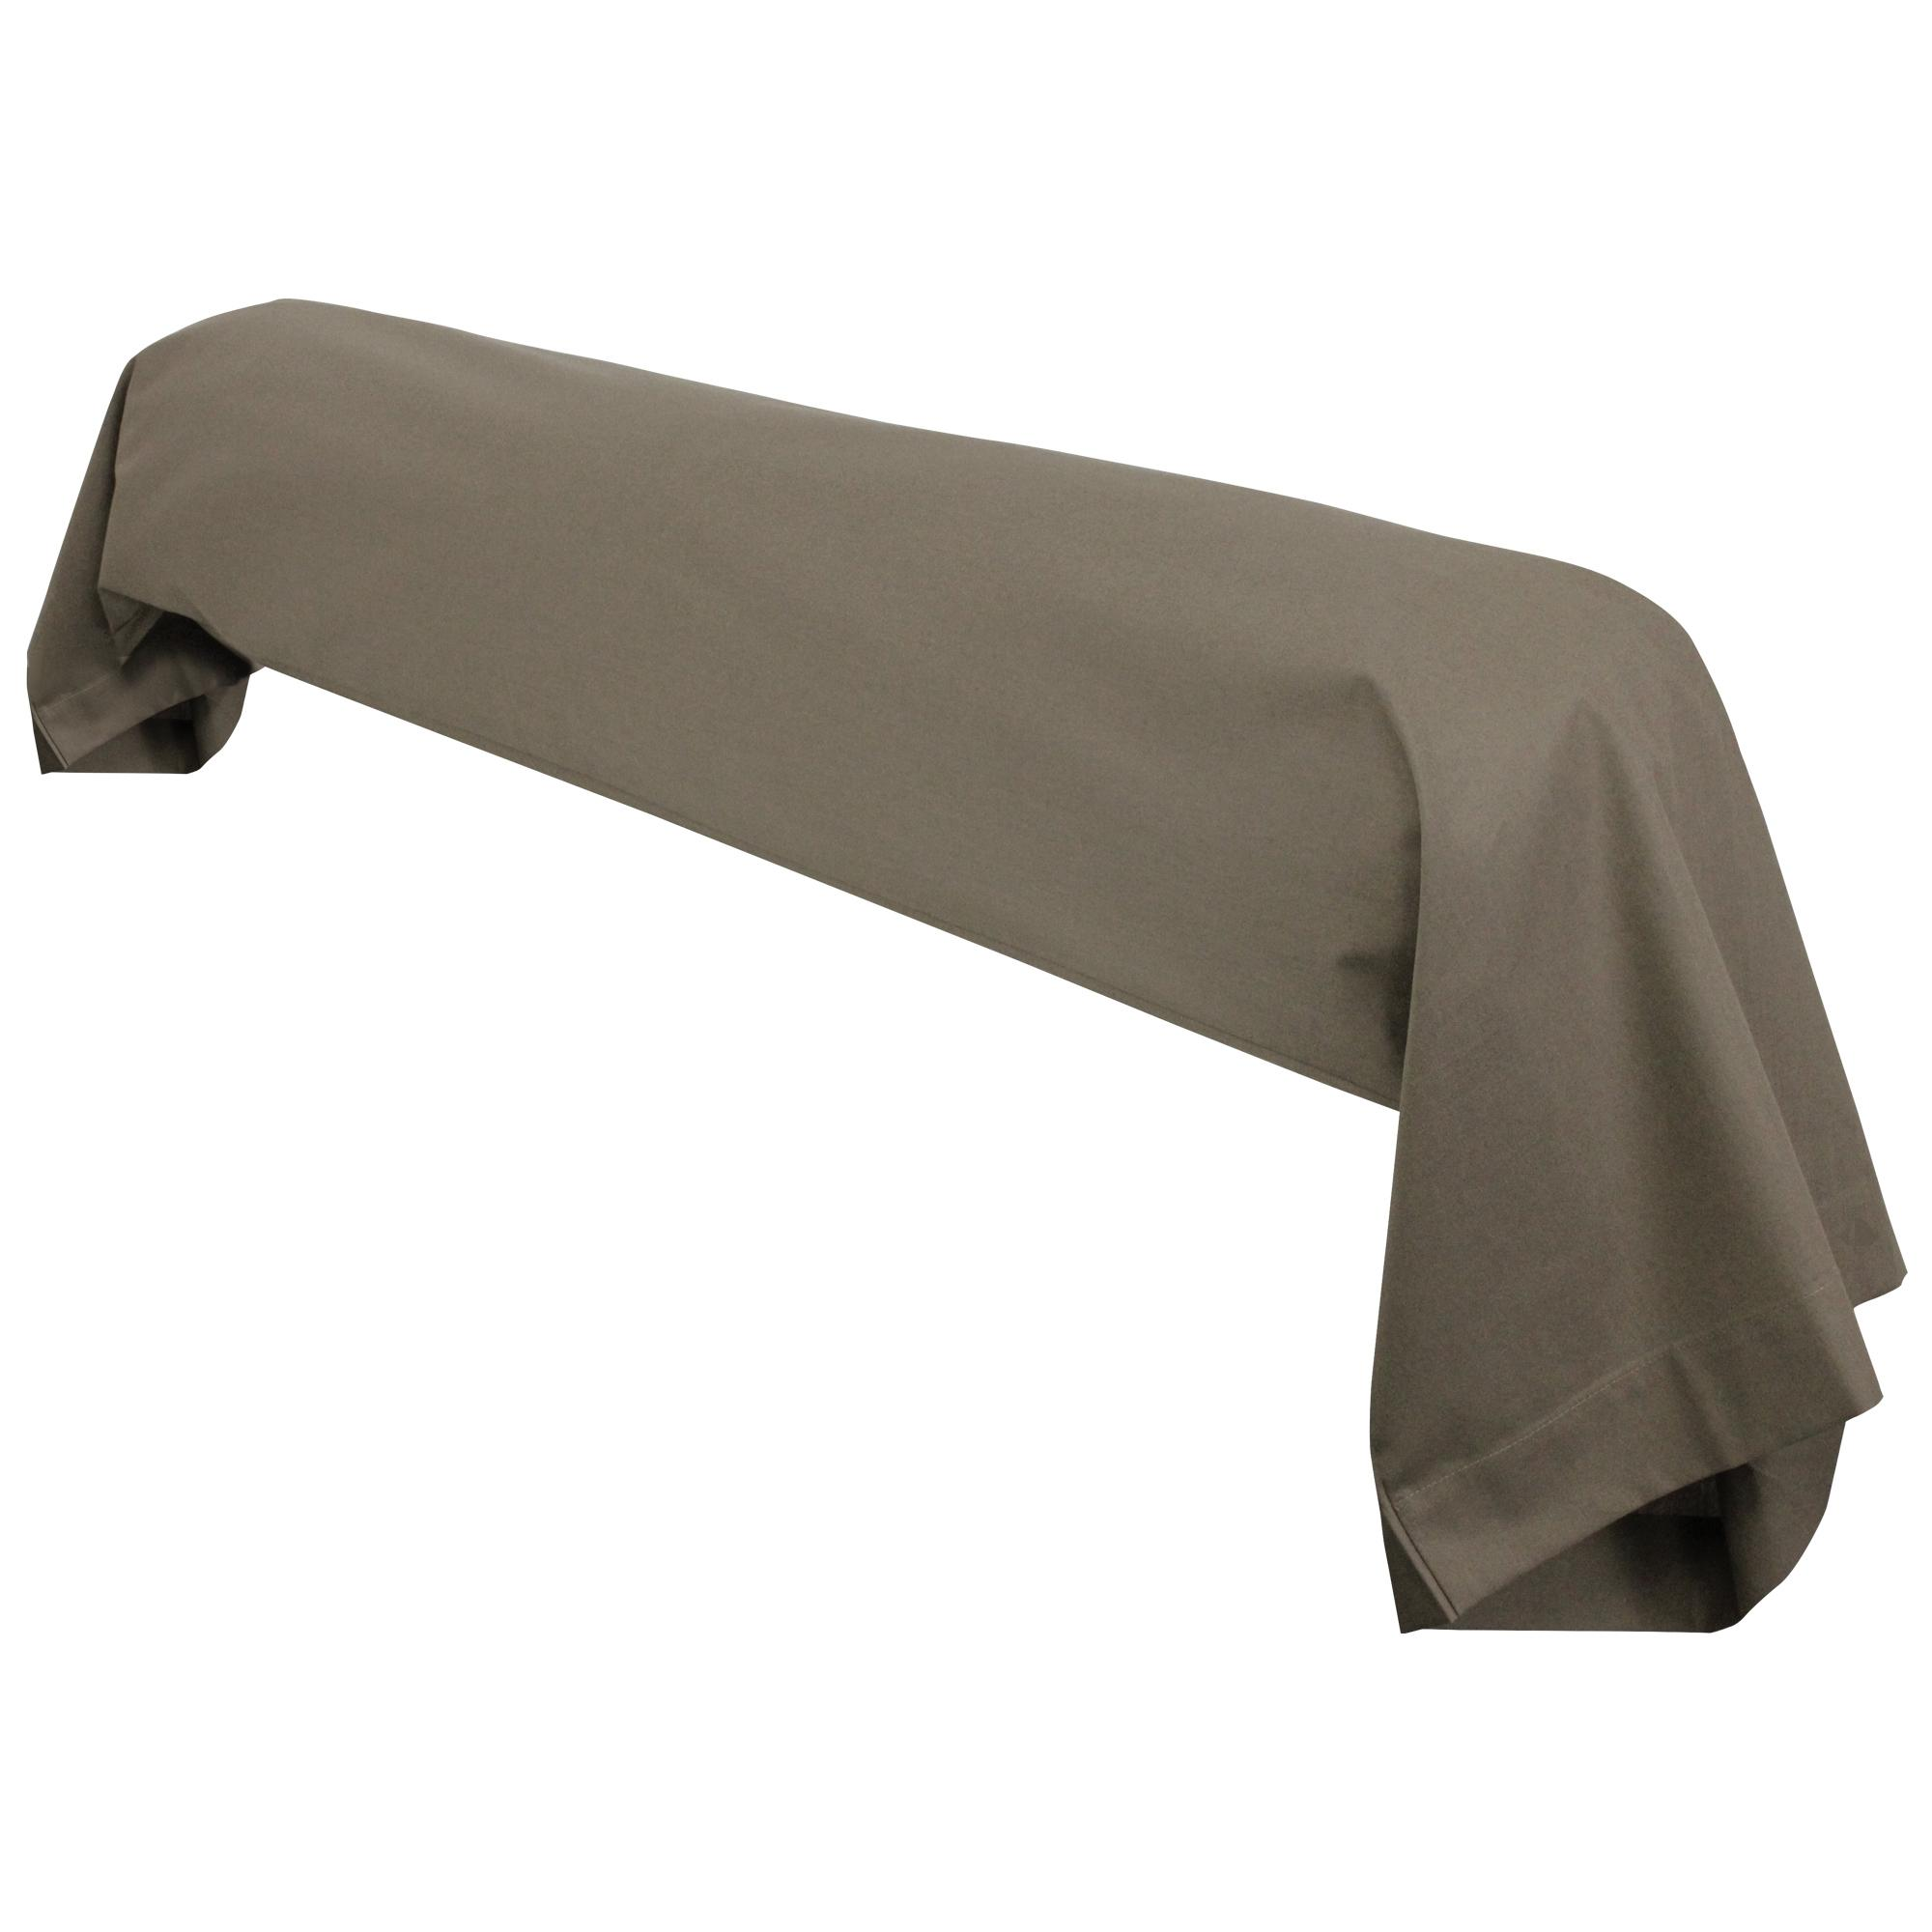 taie de traversin 140x43cm uni pur coton alto marron muscade linnea linge de maison et. Black Bedroom Furniture Sets. Home Design Ideas